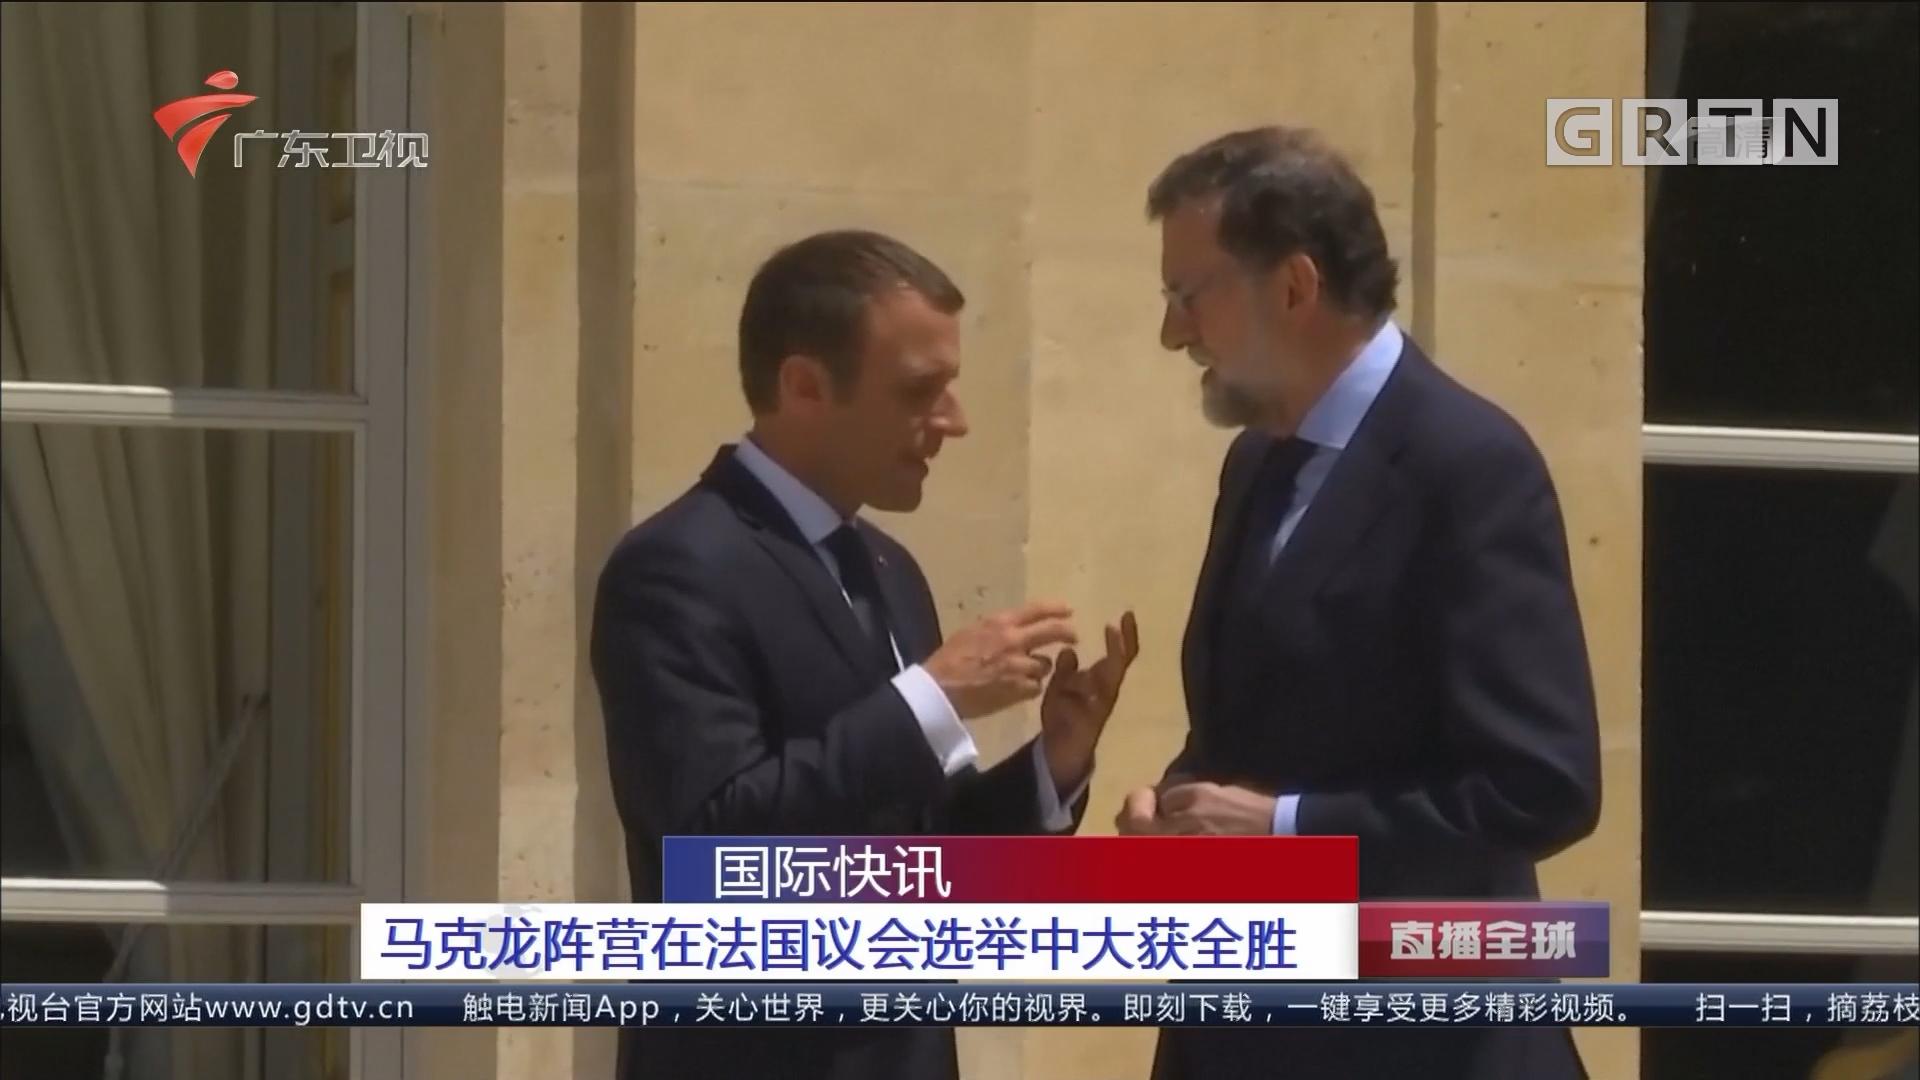 国际快讯:马克龙阵营在法国议会选举中大获全胜